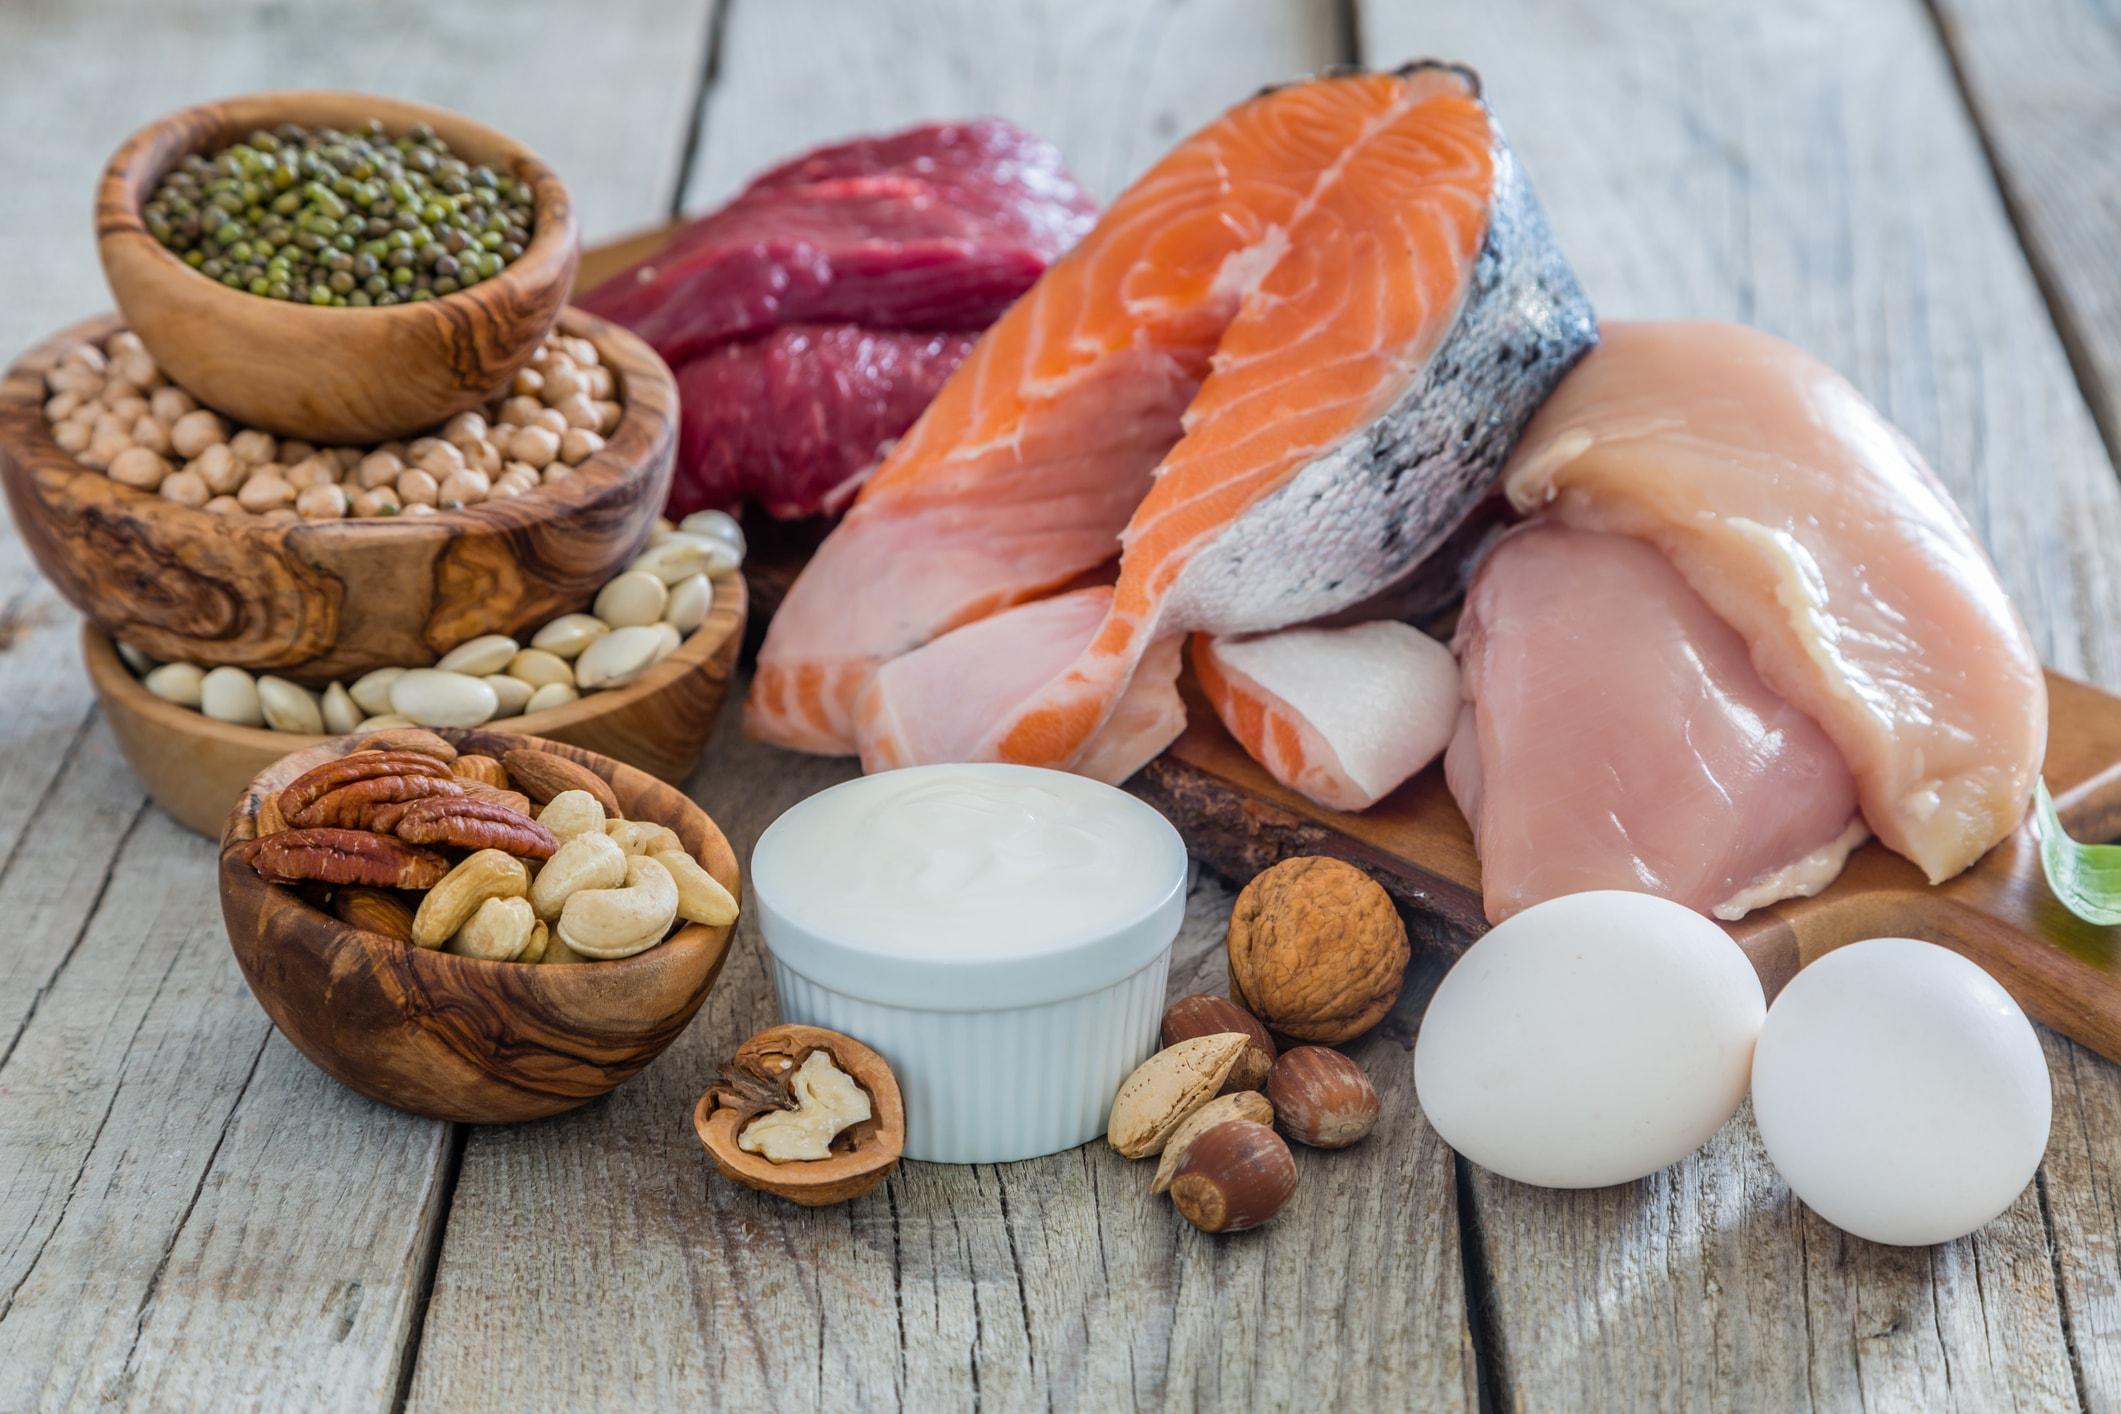 Lebensmittel, die viel Eiweiß enthalten und gut zum Abnehmen sind